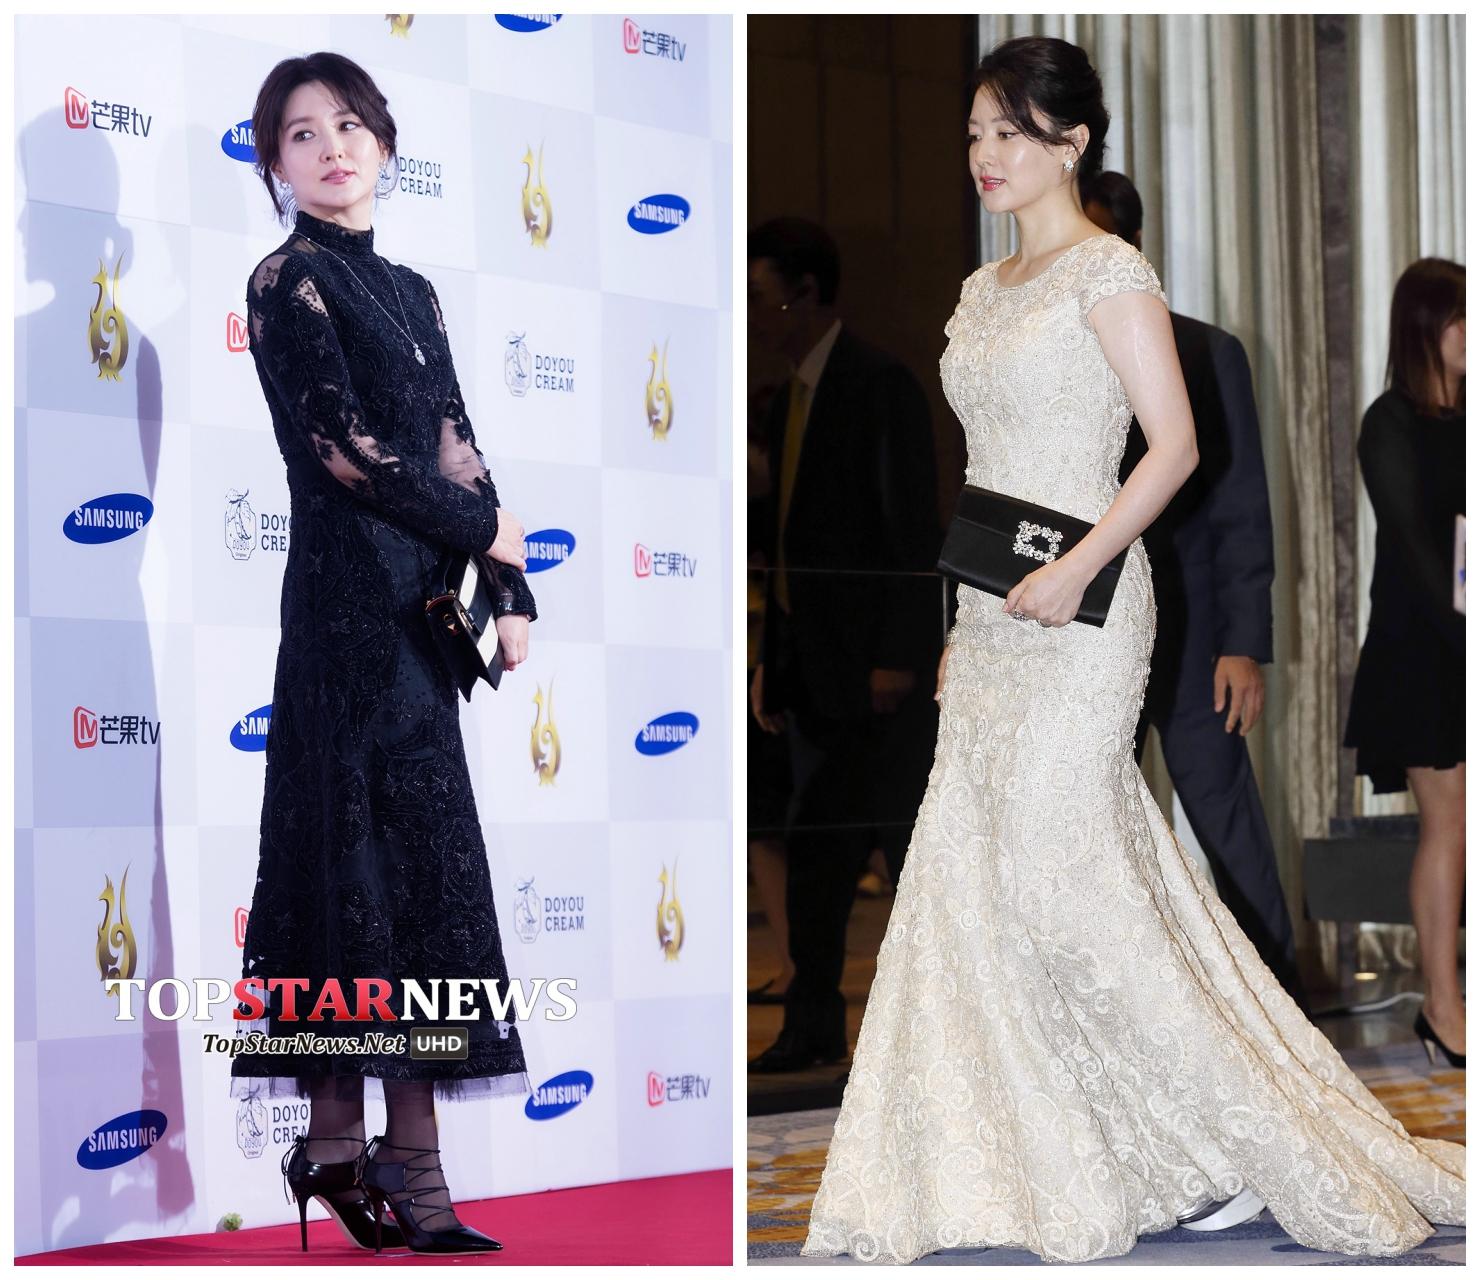 Mỹ nhân phim truyền hìnhHàn Quốc thường chọn váy ren có thiết kế tôn dáng. (Nguồn Ảnh: Topstarnews)